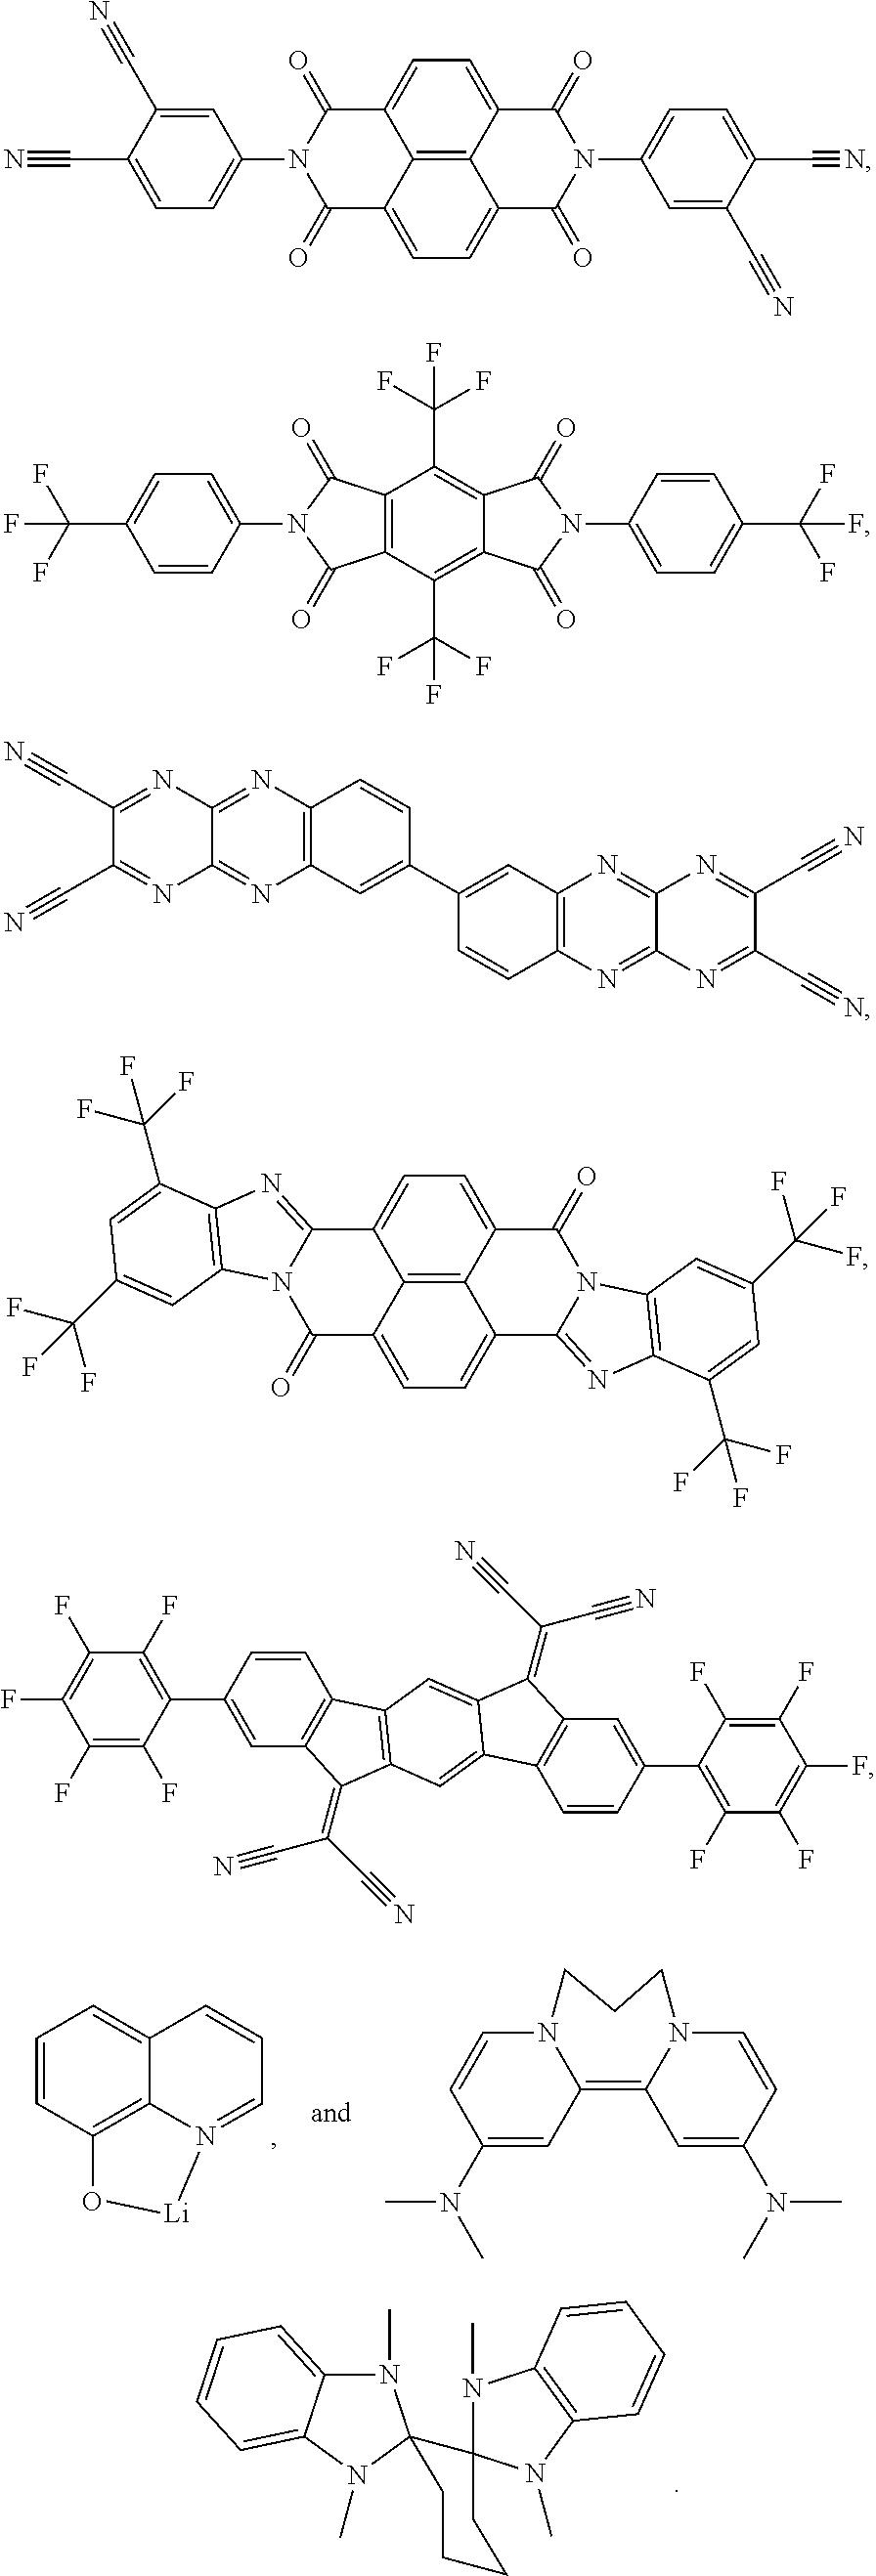 Figure US09929360-20180327-C00118